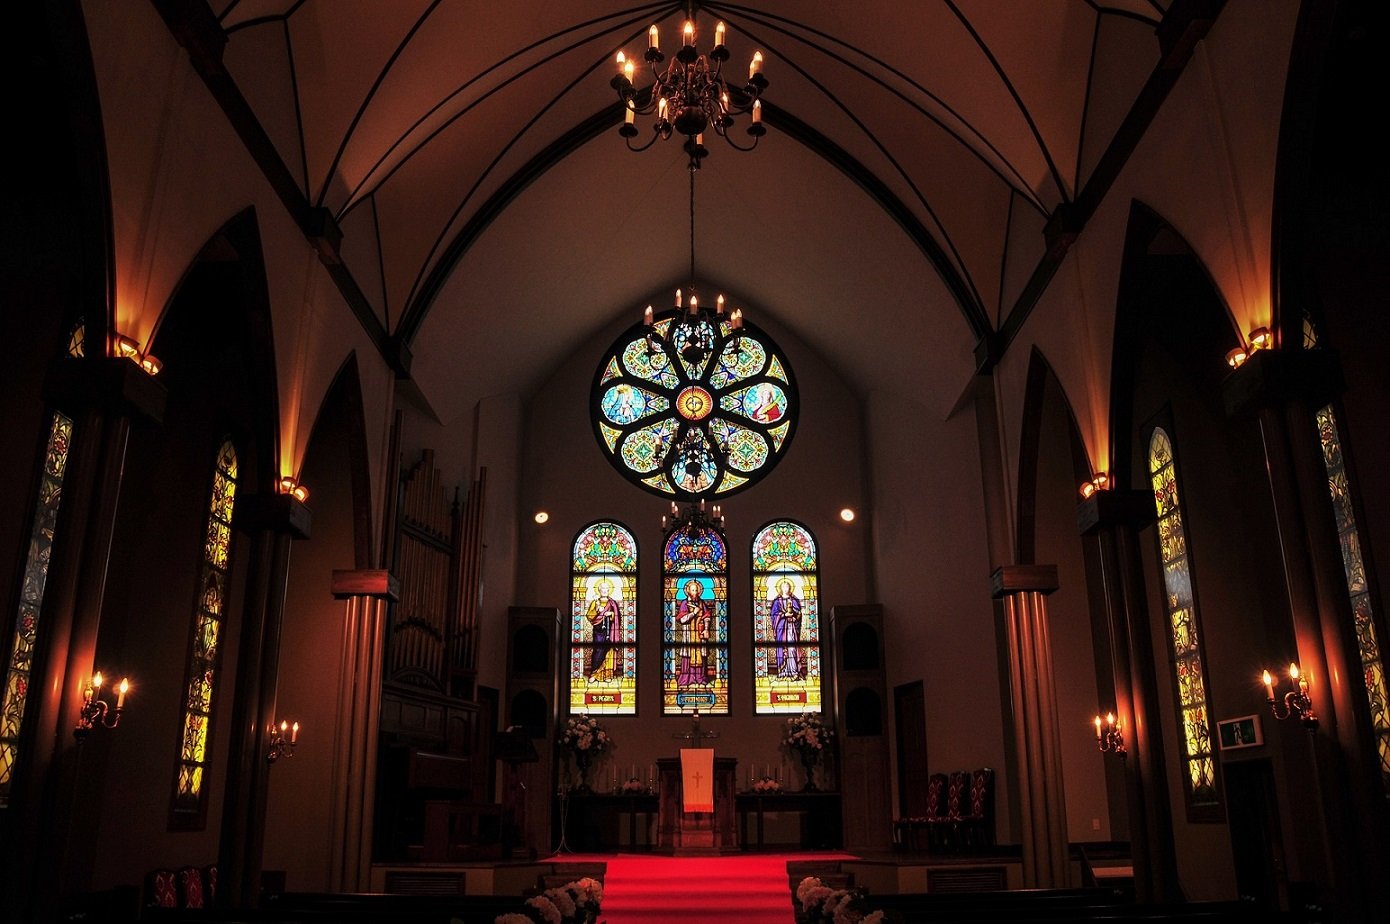 京都には歴史ある教会がたくさん 結婚式